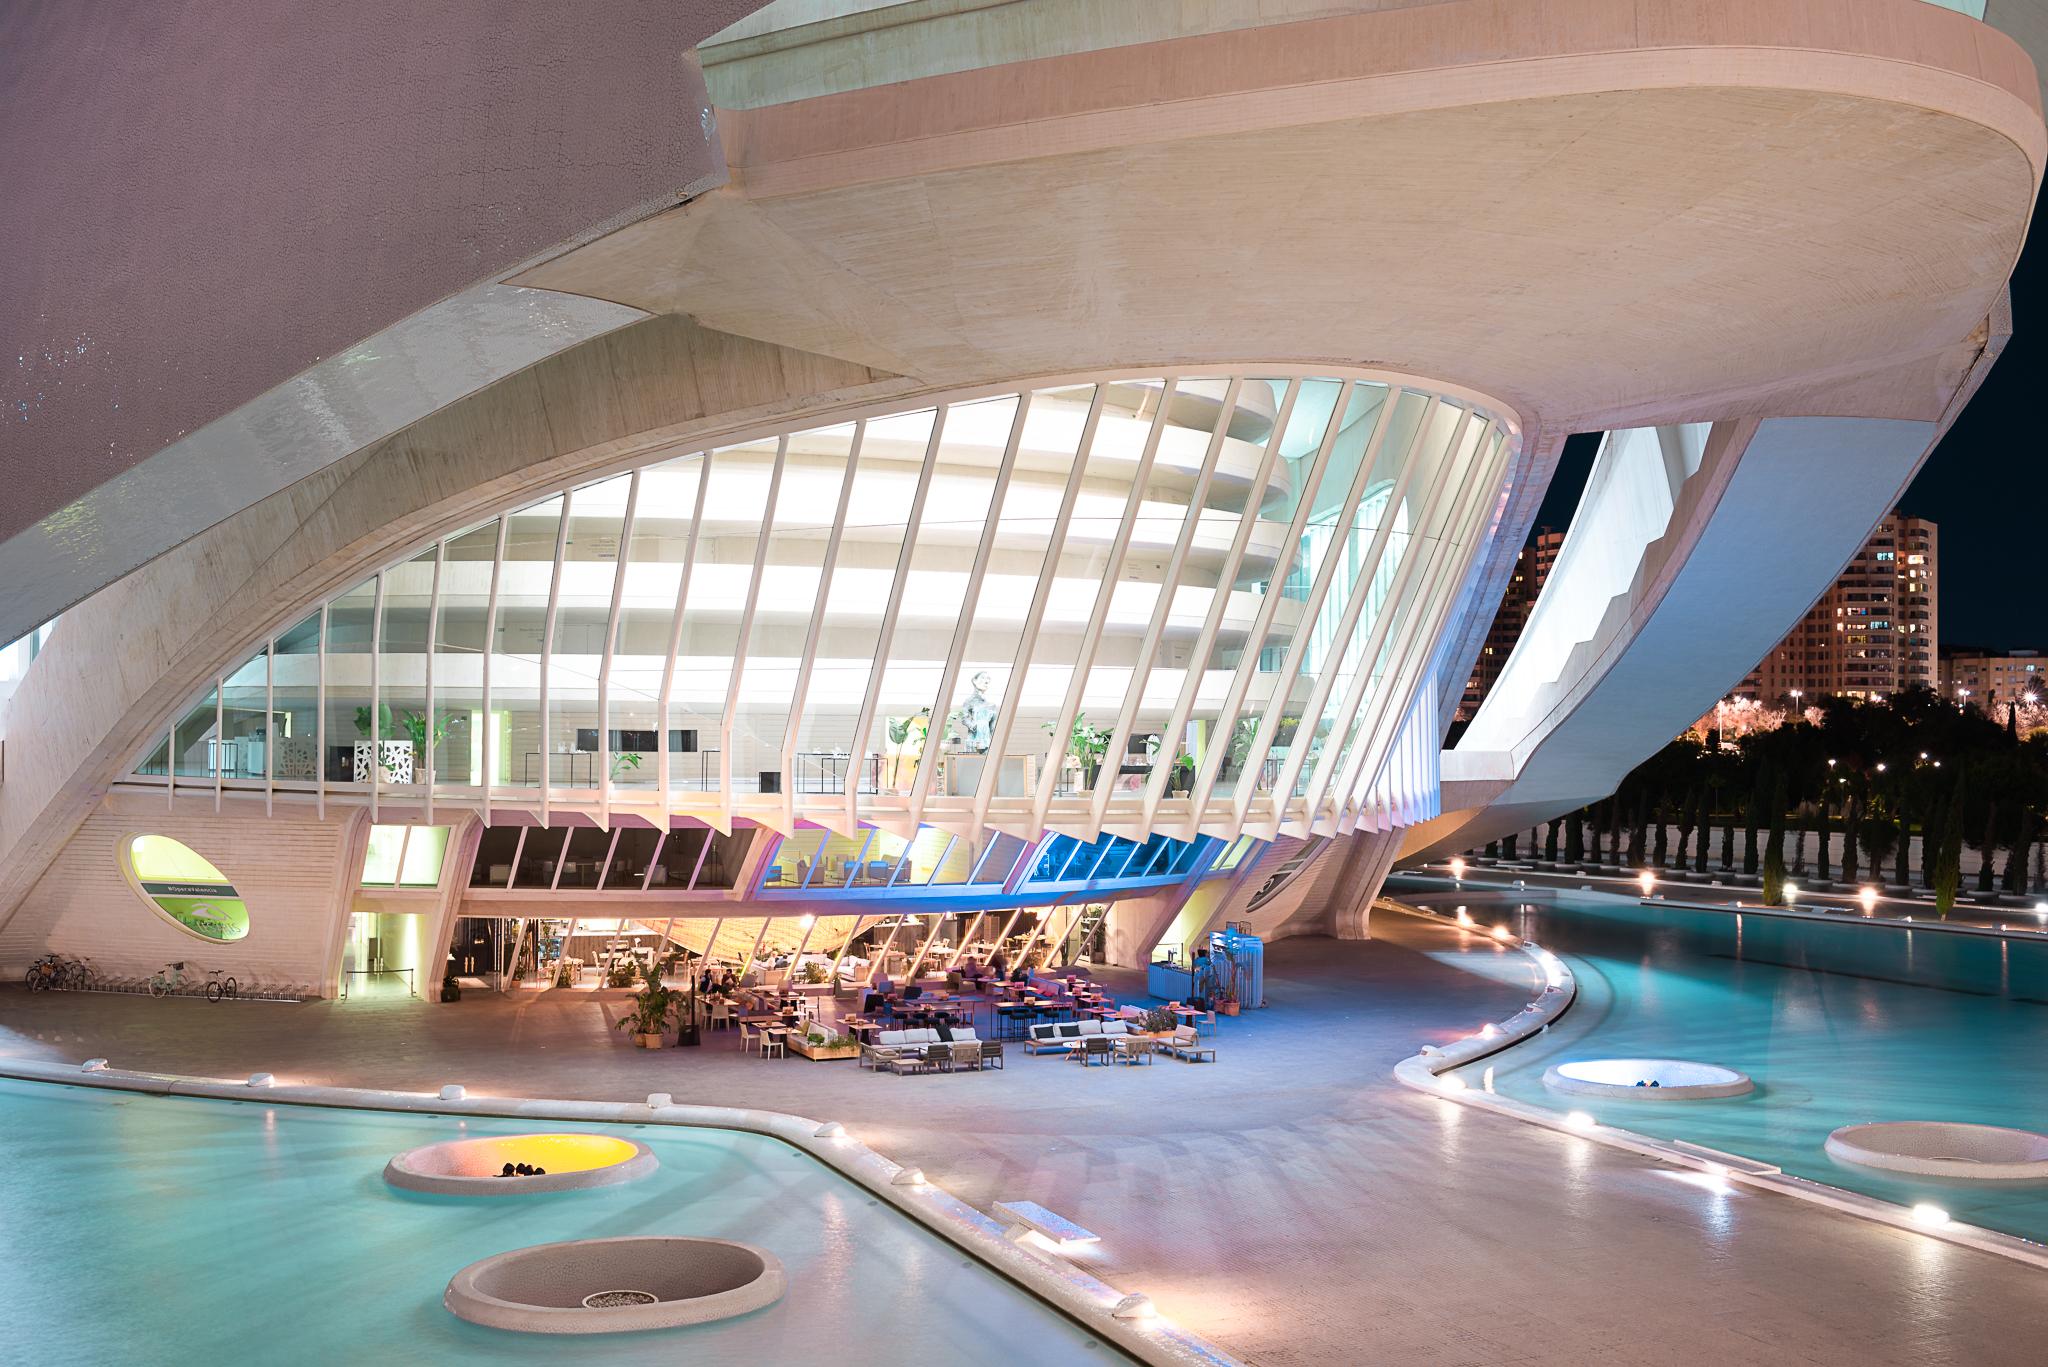 Immobilienfotograf: Nachtaufnahme moderner Architektur, Außenaufnahme der Glasfassade